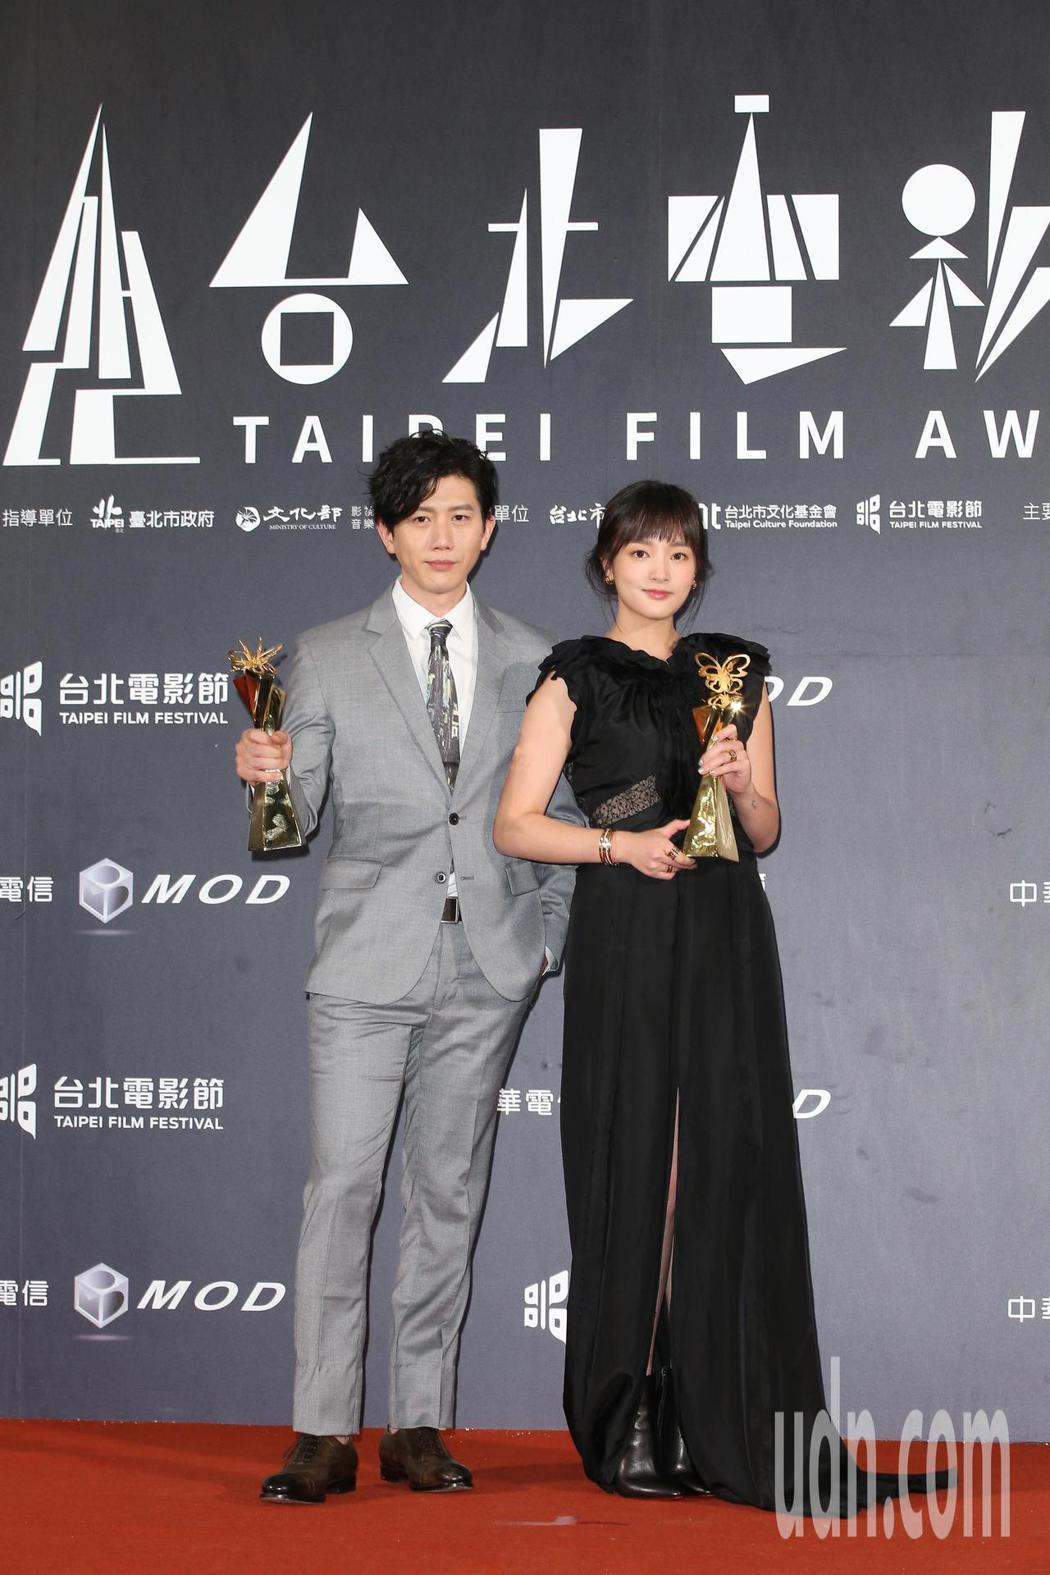 莫子儀(左)與王淨獲得台北電影獎最佳男、女主角。記者陳立凱/攝影